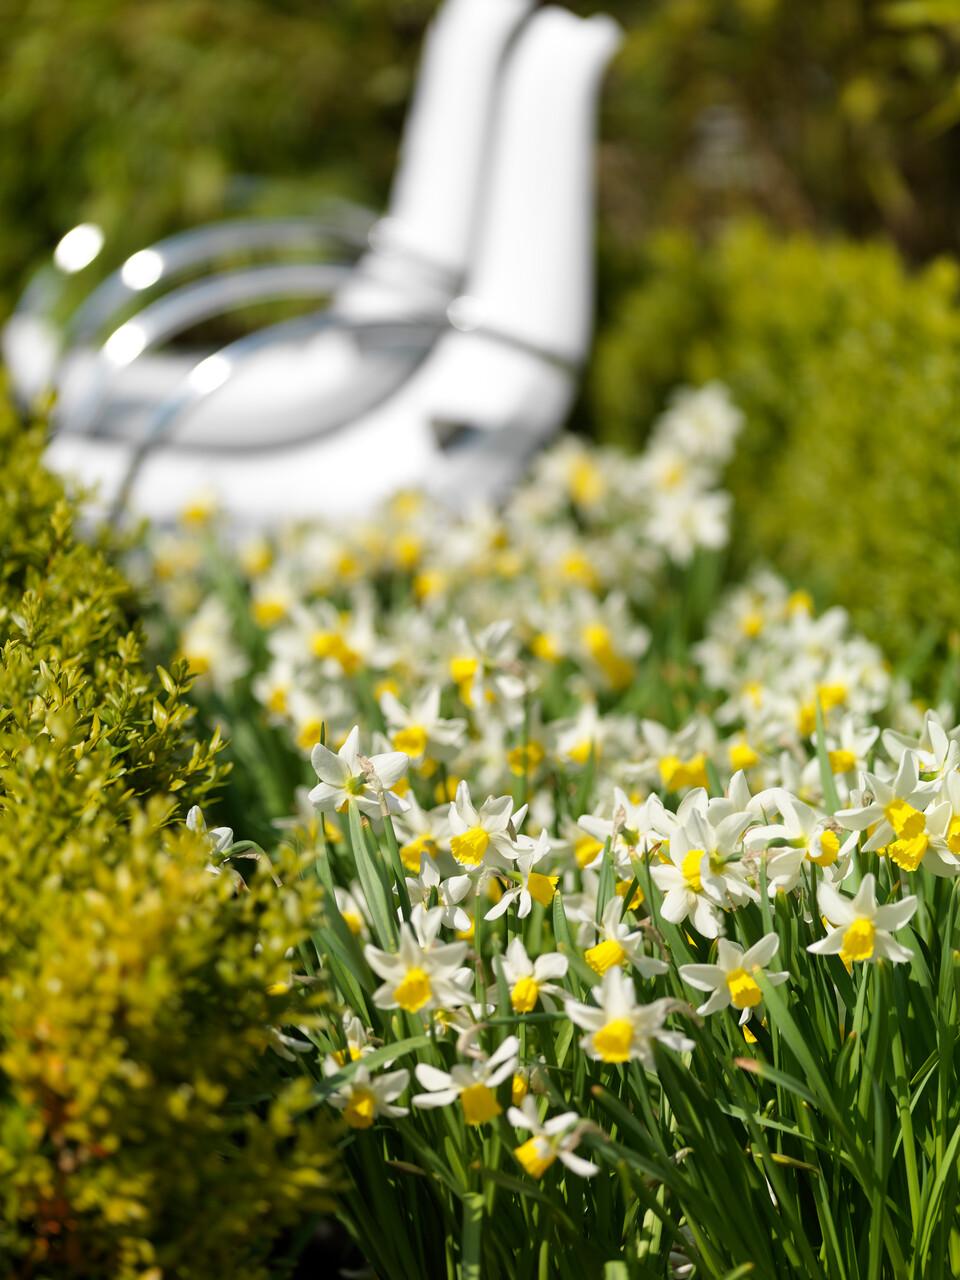 Flores blancas y amarillas de narcisos miniatura o enanos